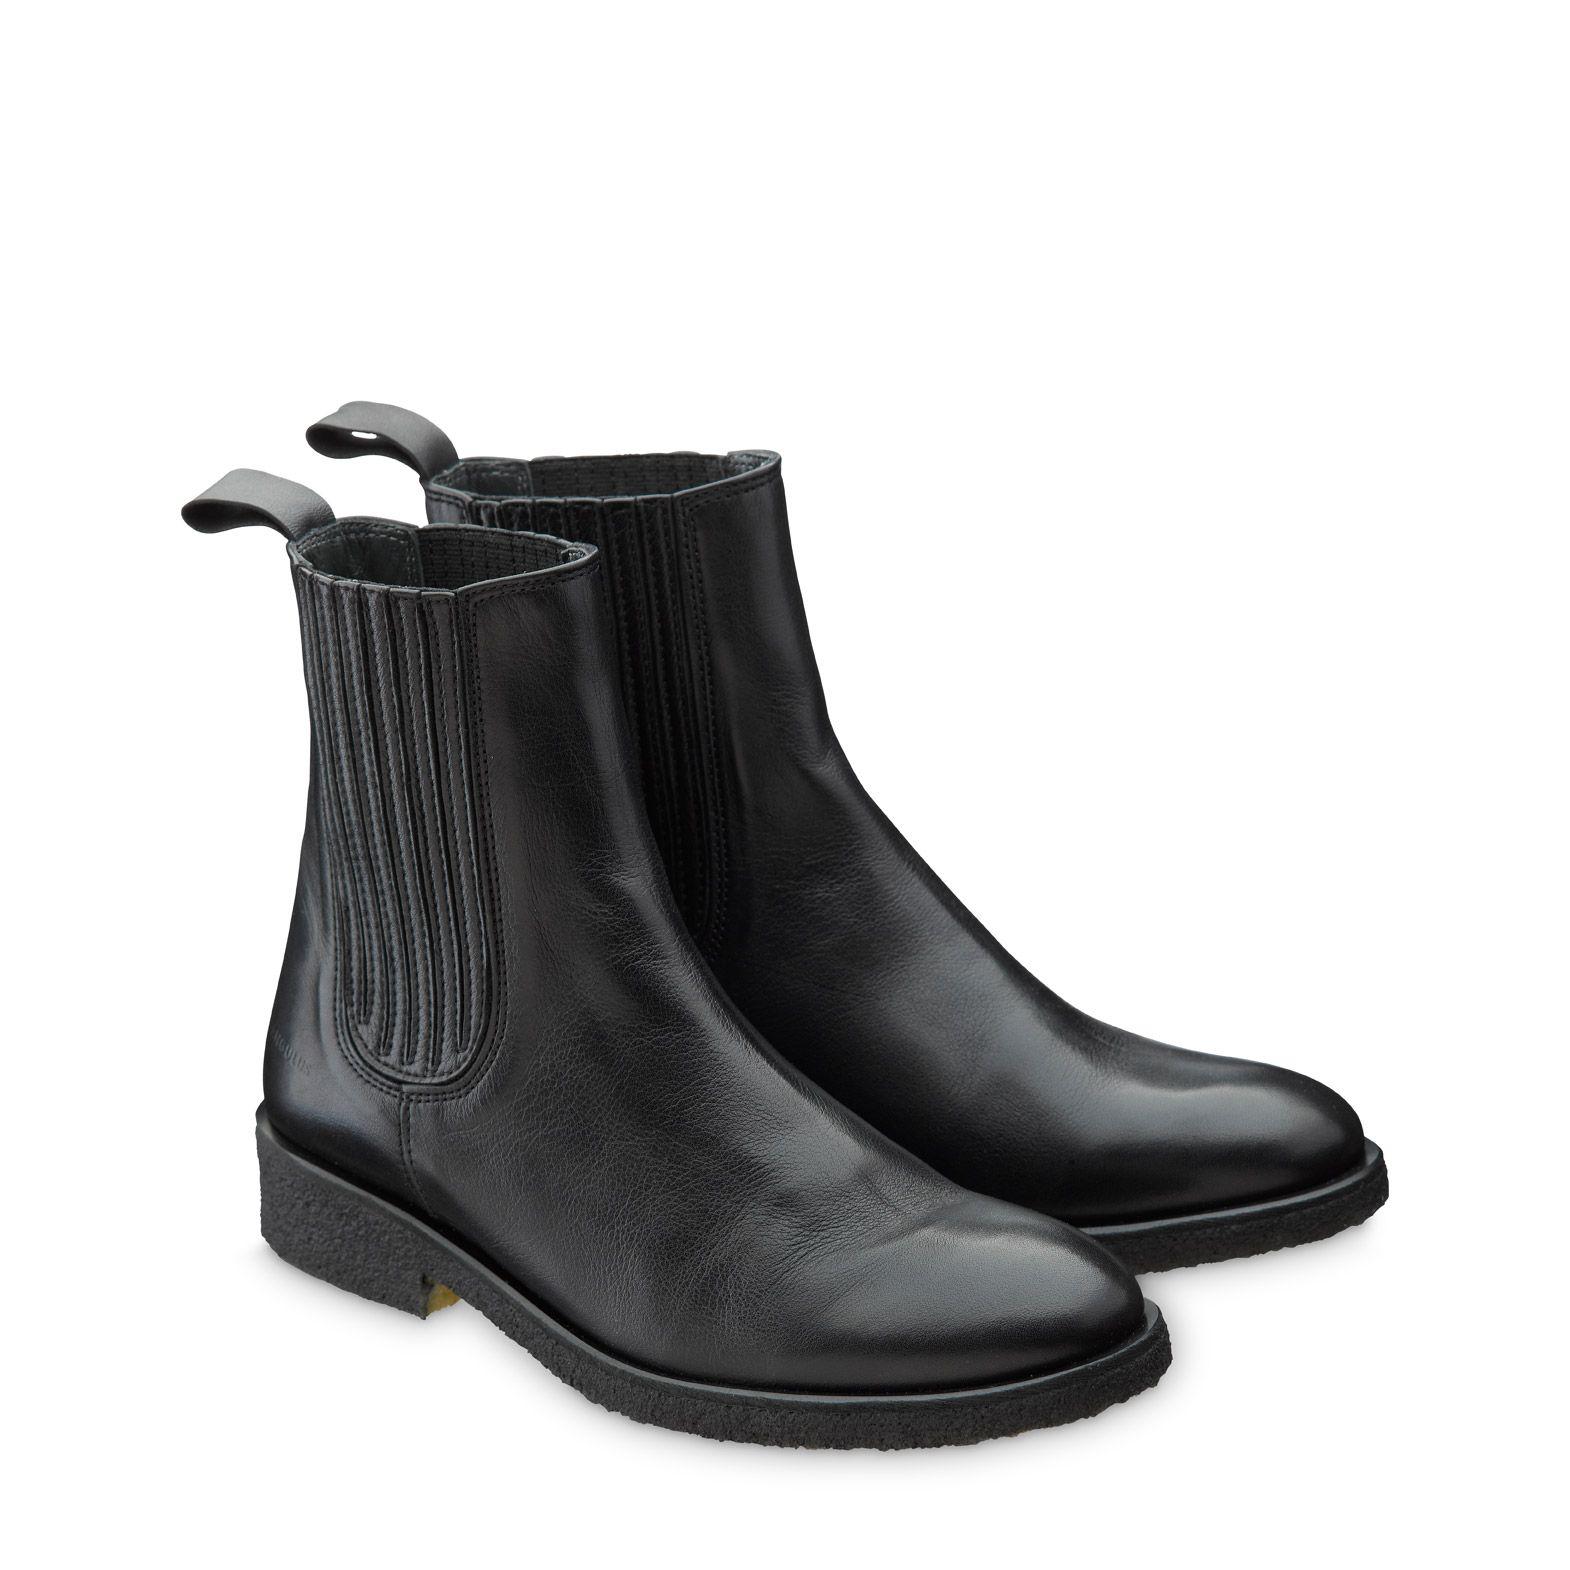 521d5f74ea1 ANGULUS Sort 1604 Chelsea støvle med elastik | Gratis fragt over 745 kr.